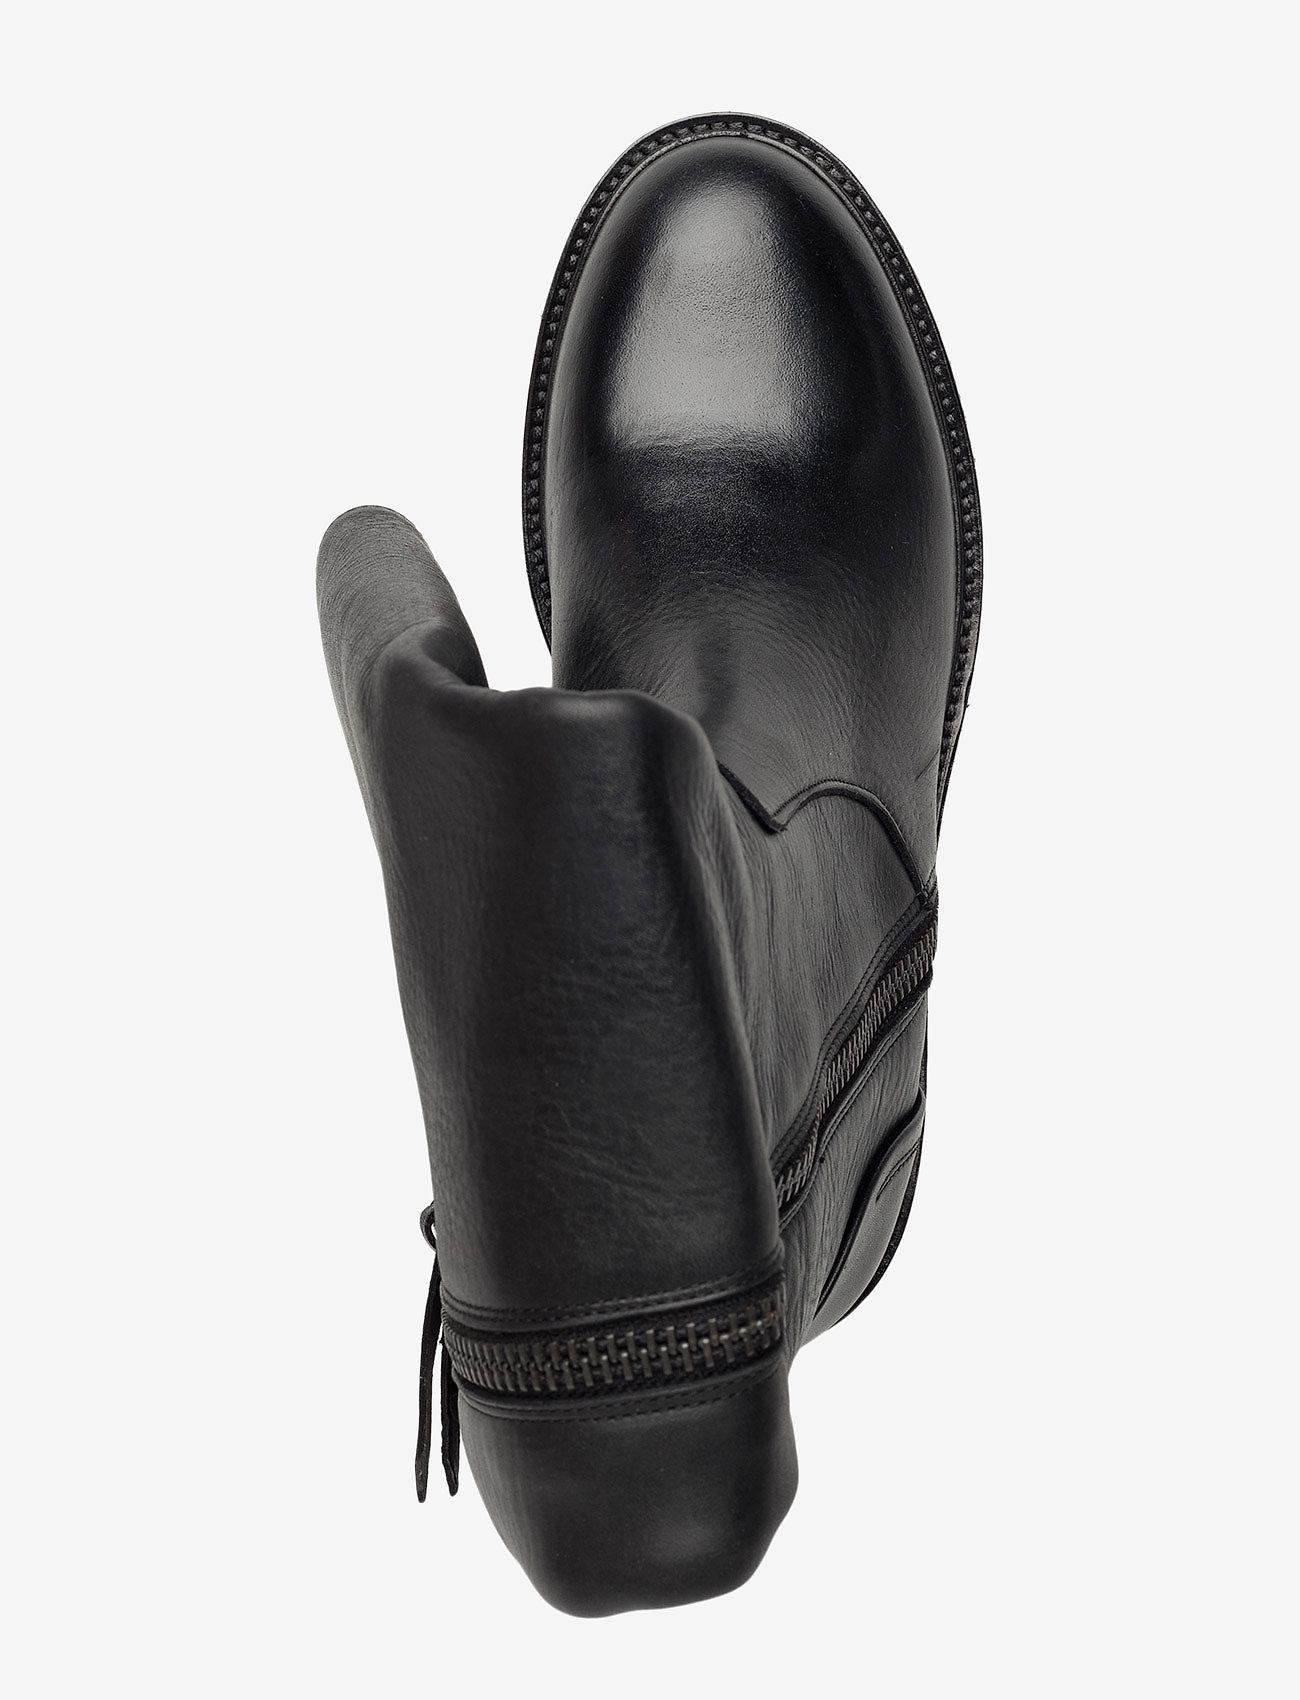 Boots (Black Tomcat 80) - Billi Bi